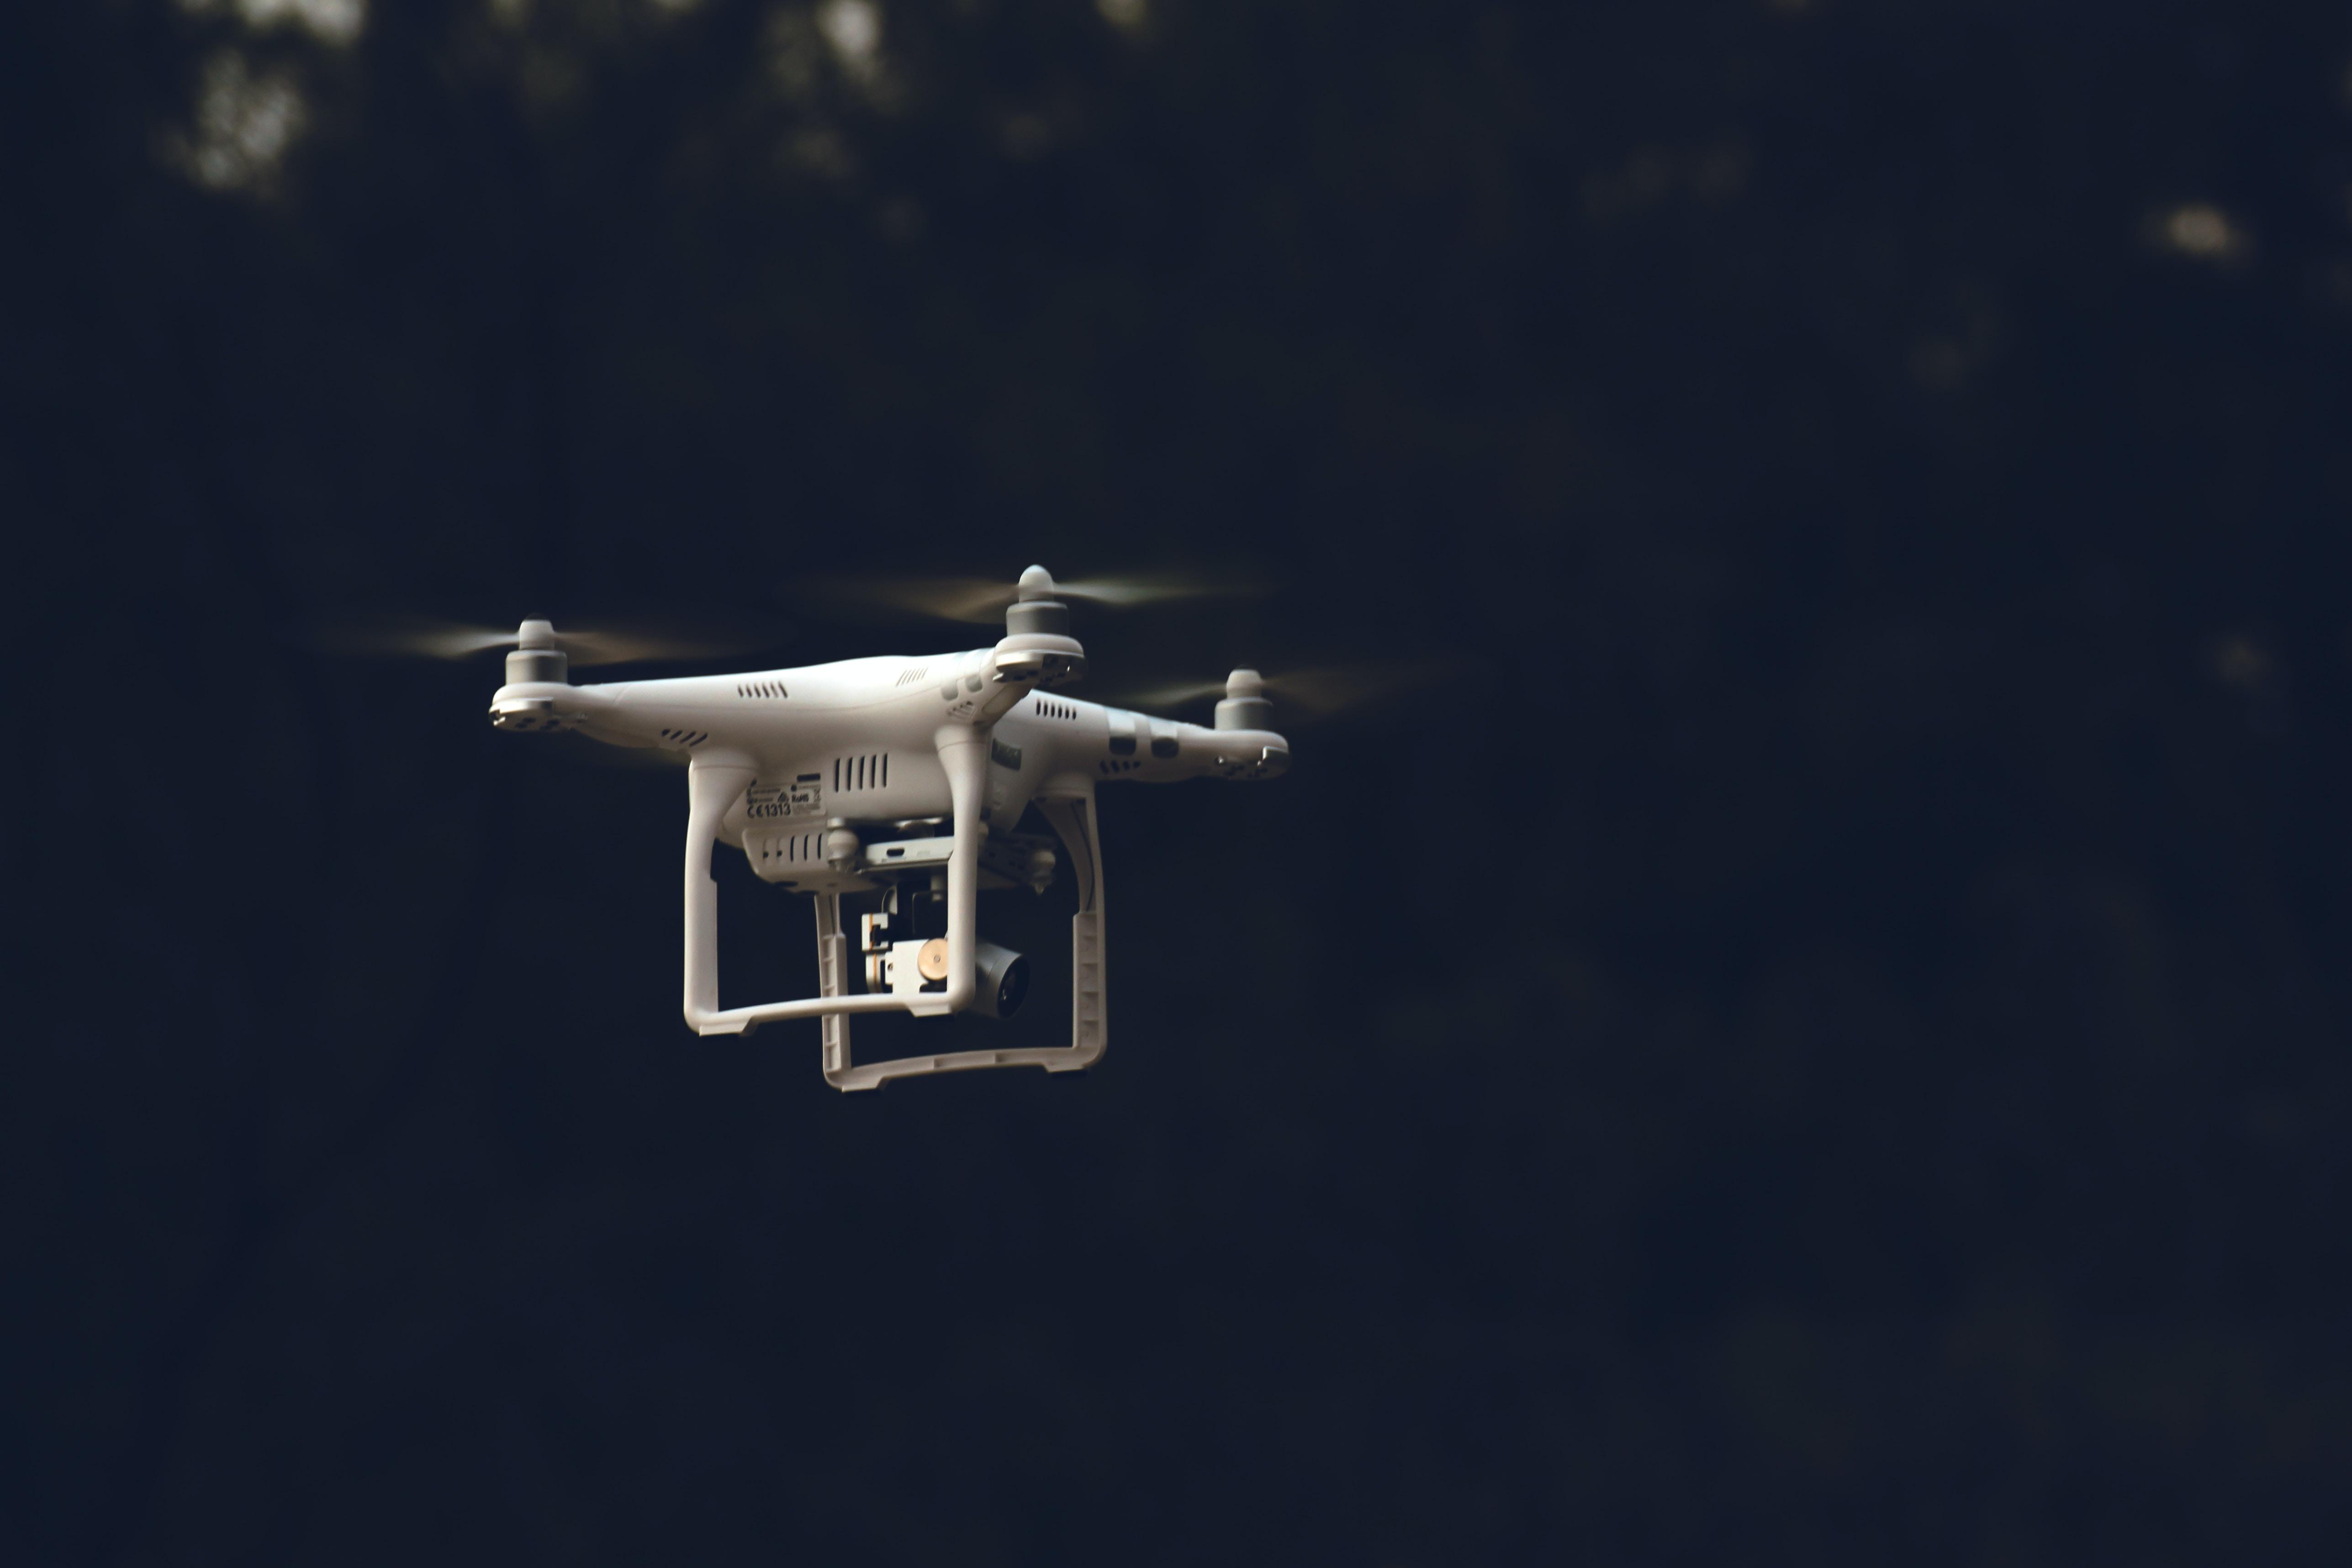 A DJI Phantom drone in flight